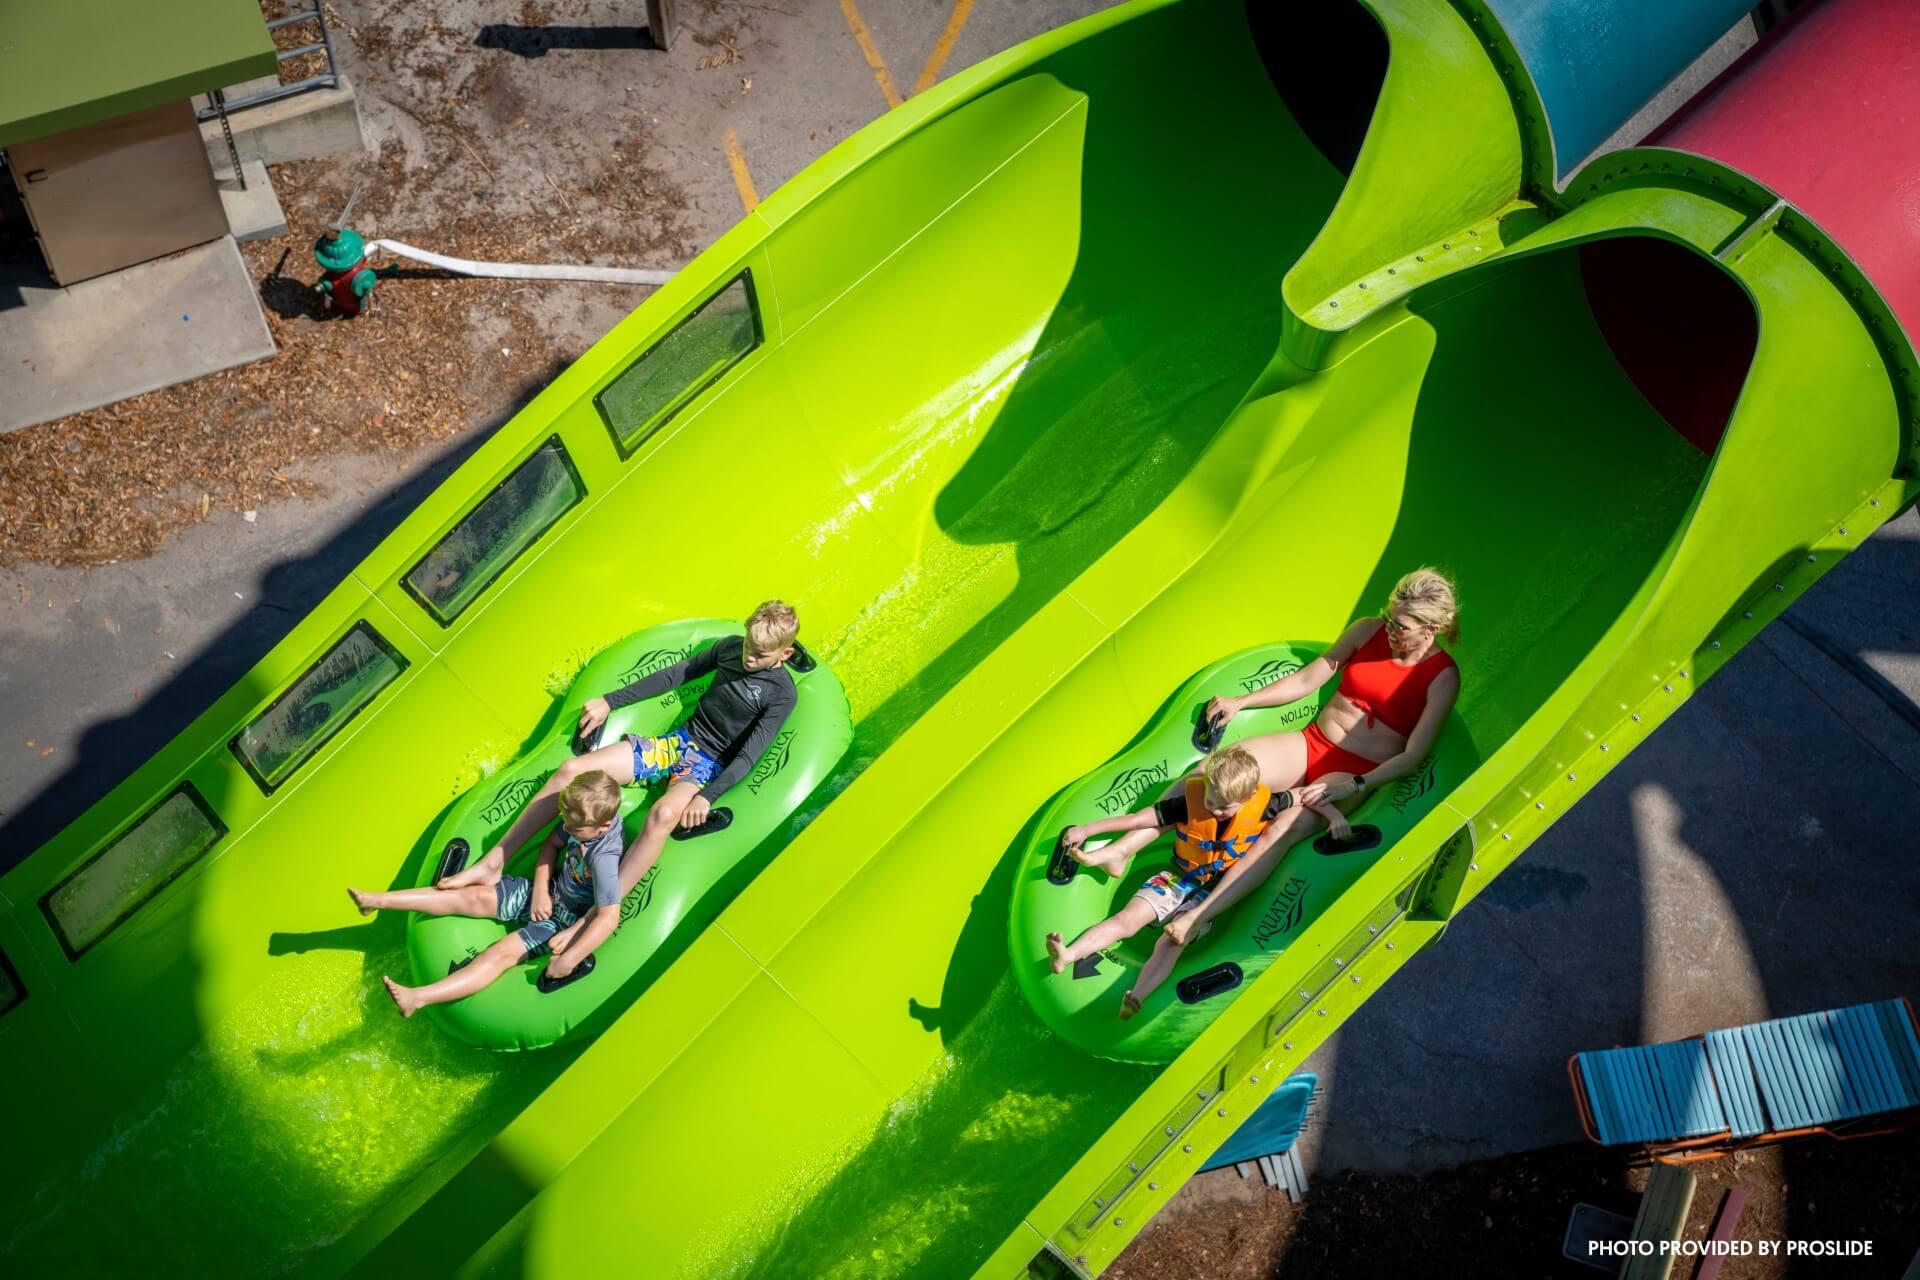 Riders slide side by side on SeaWorld Aquatica Riptide Race